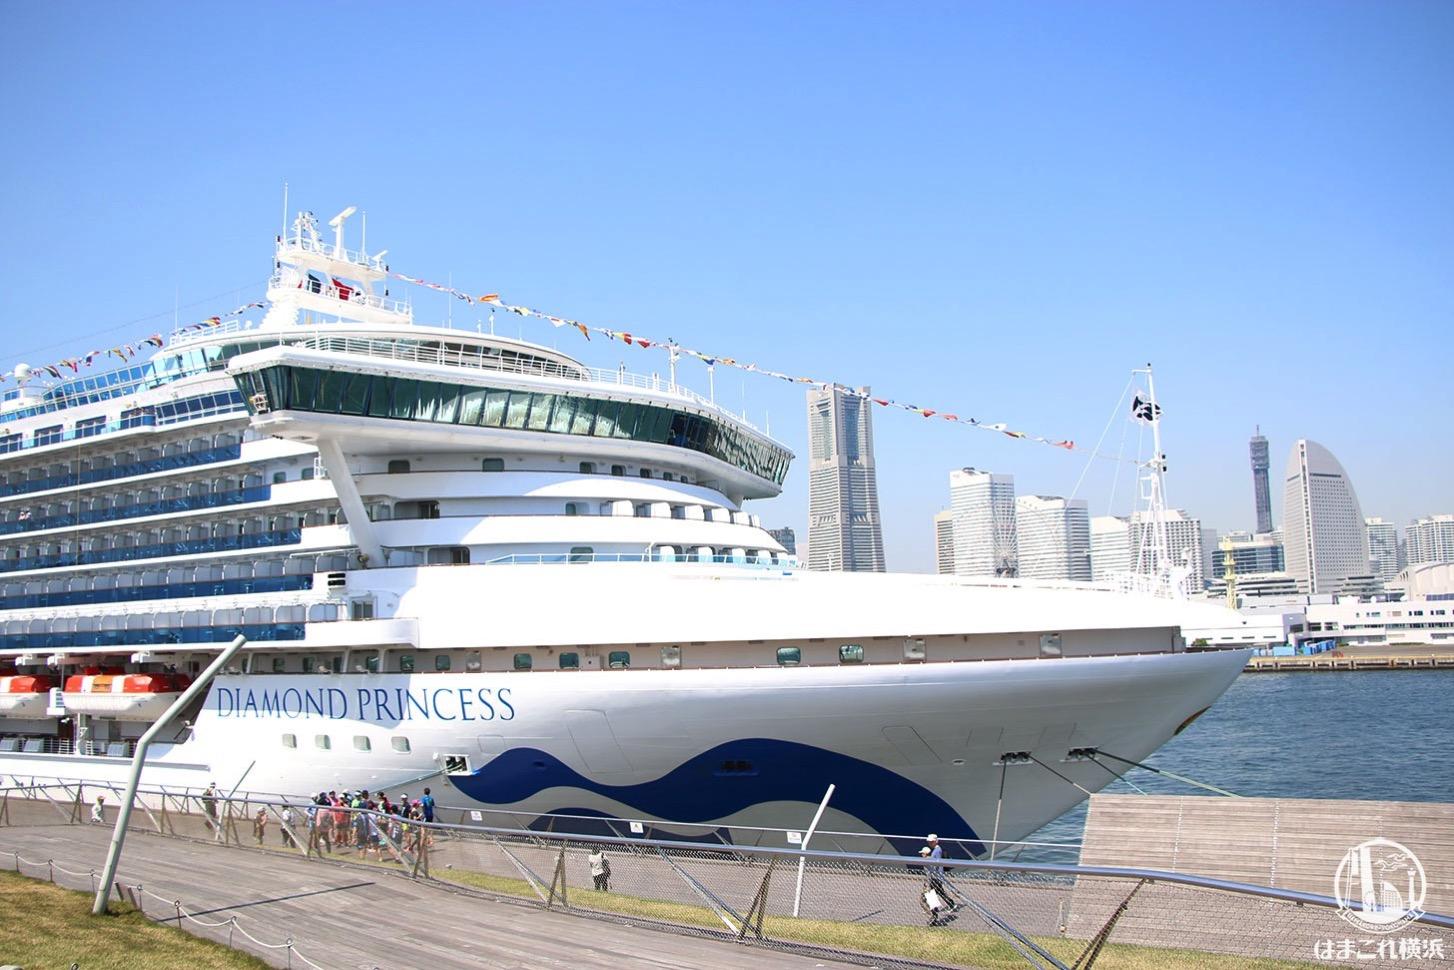 横浜港大さん橋国際客船ターミナル 着岸中の大型客船